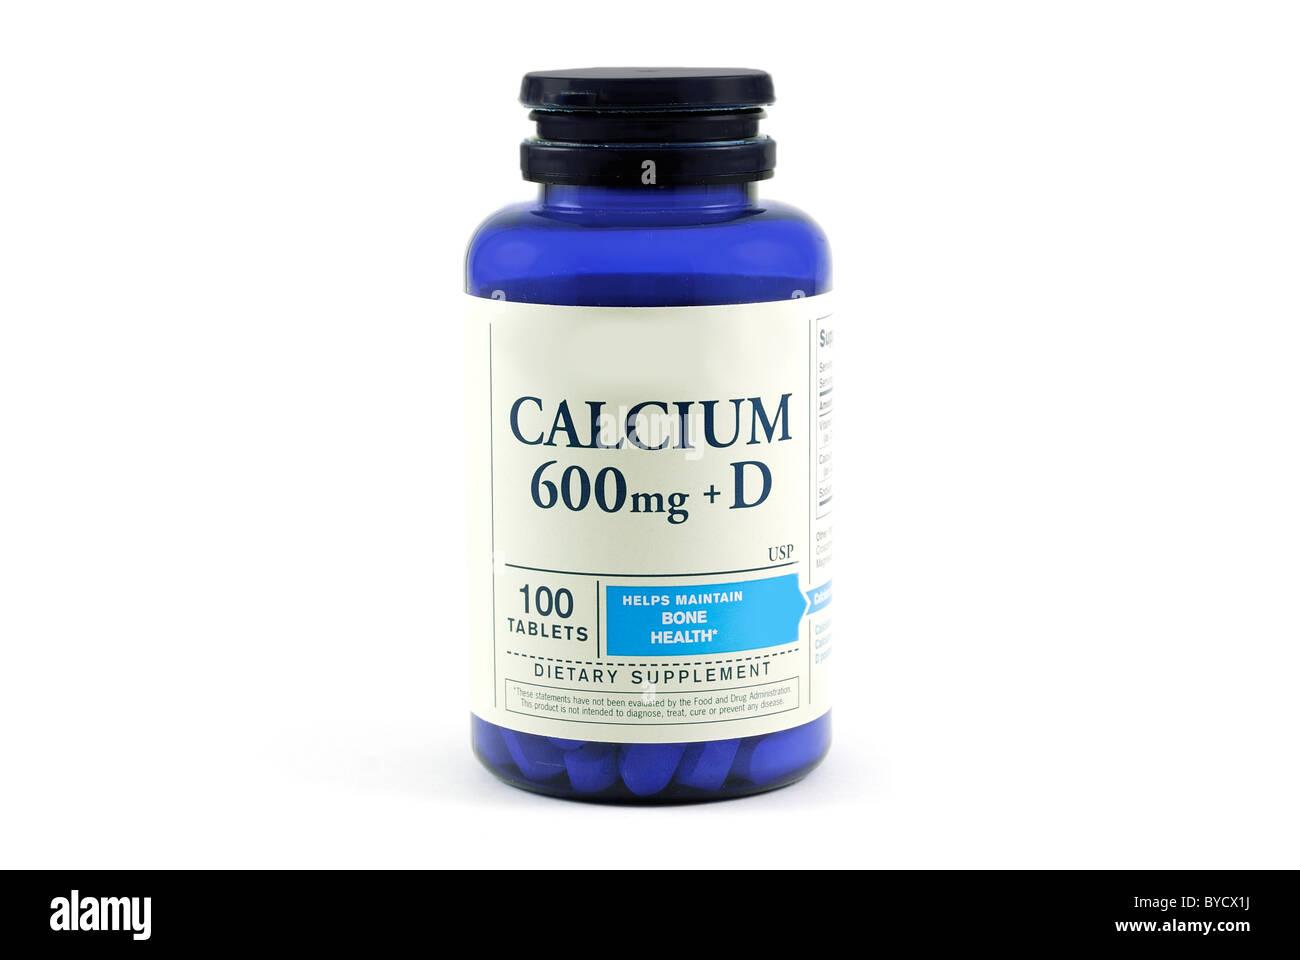 Eine Flasche von generischen Kalzium mit Vitamin D für Knochengesundheit isoliert auf einem weißen Hintergrund Stockbild